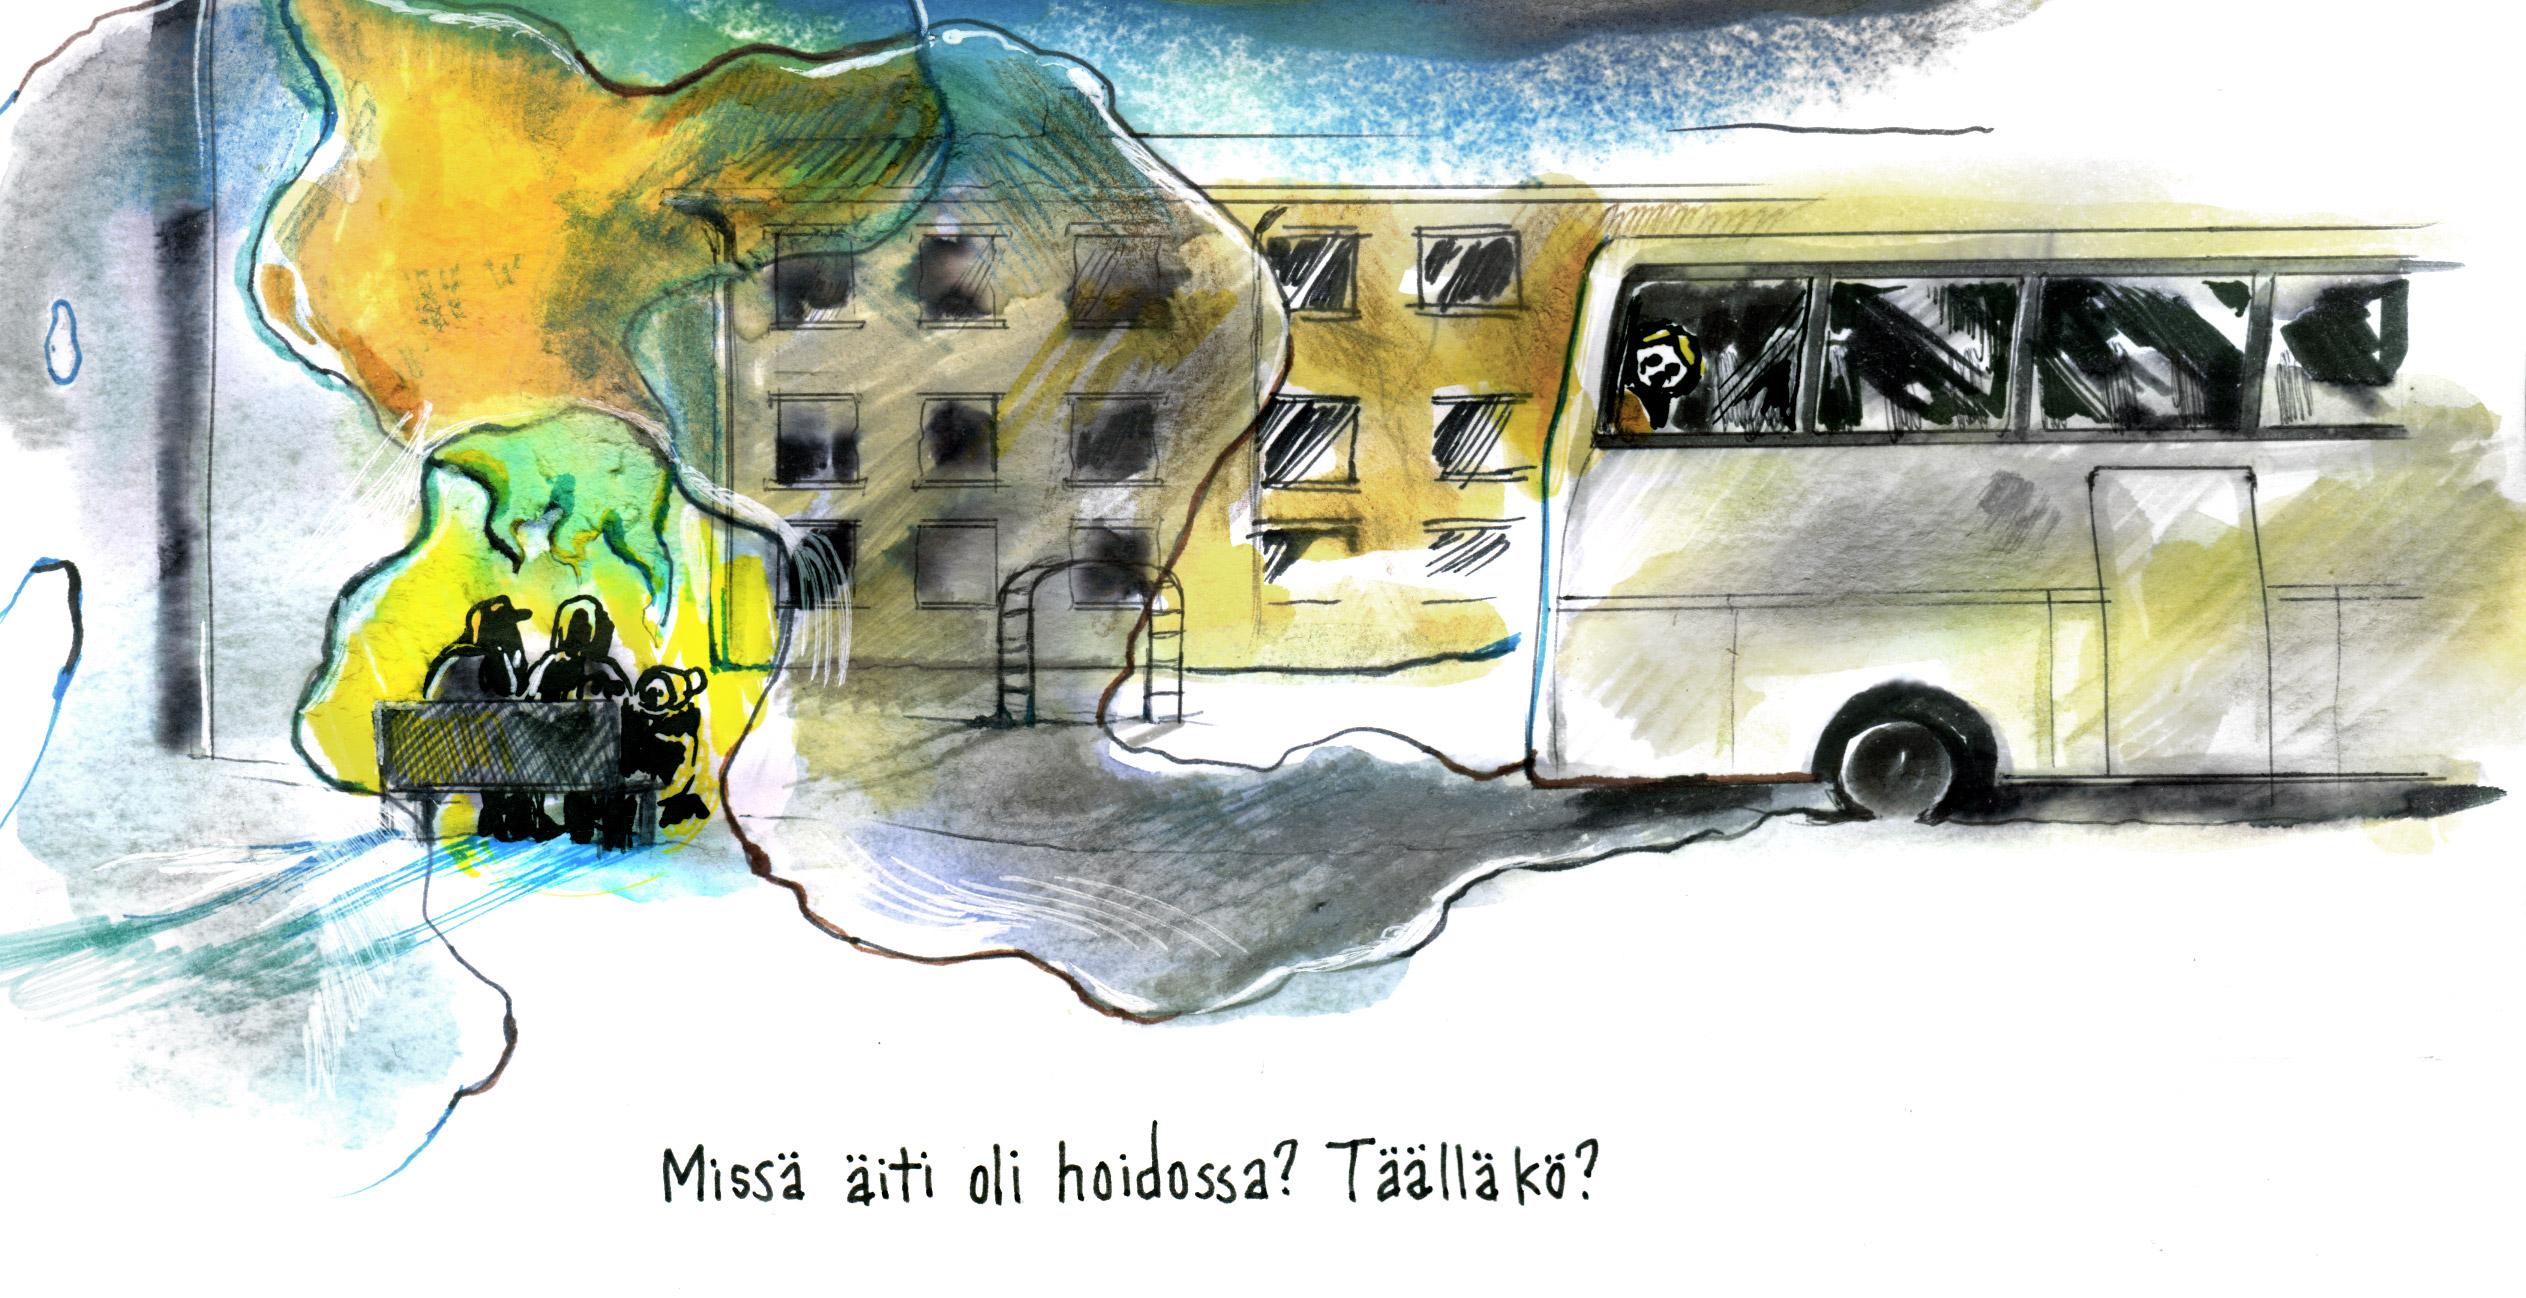 liikkeessä_vikaruutu